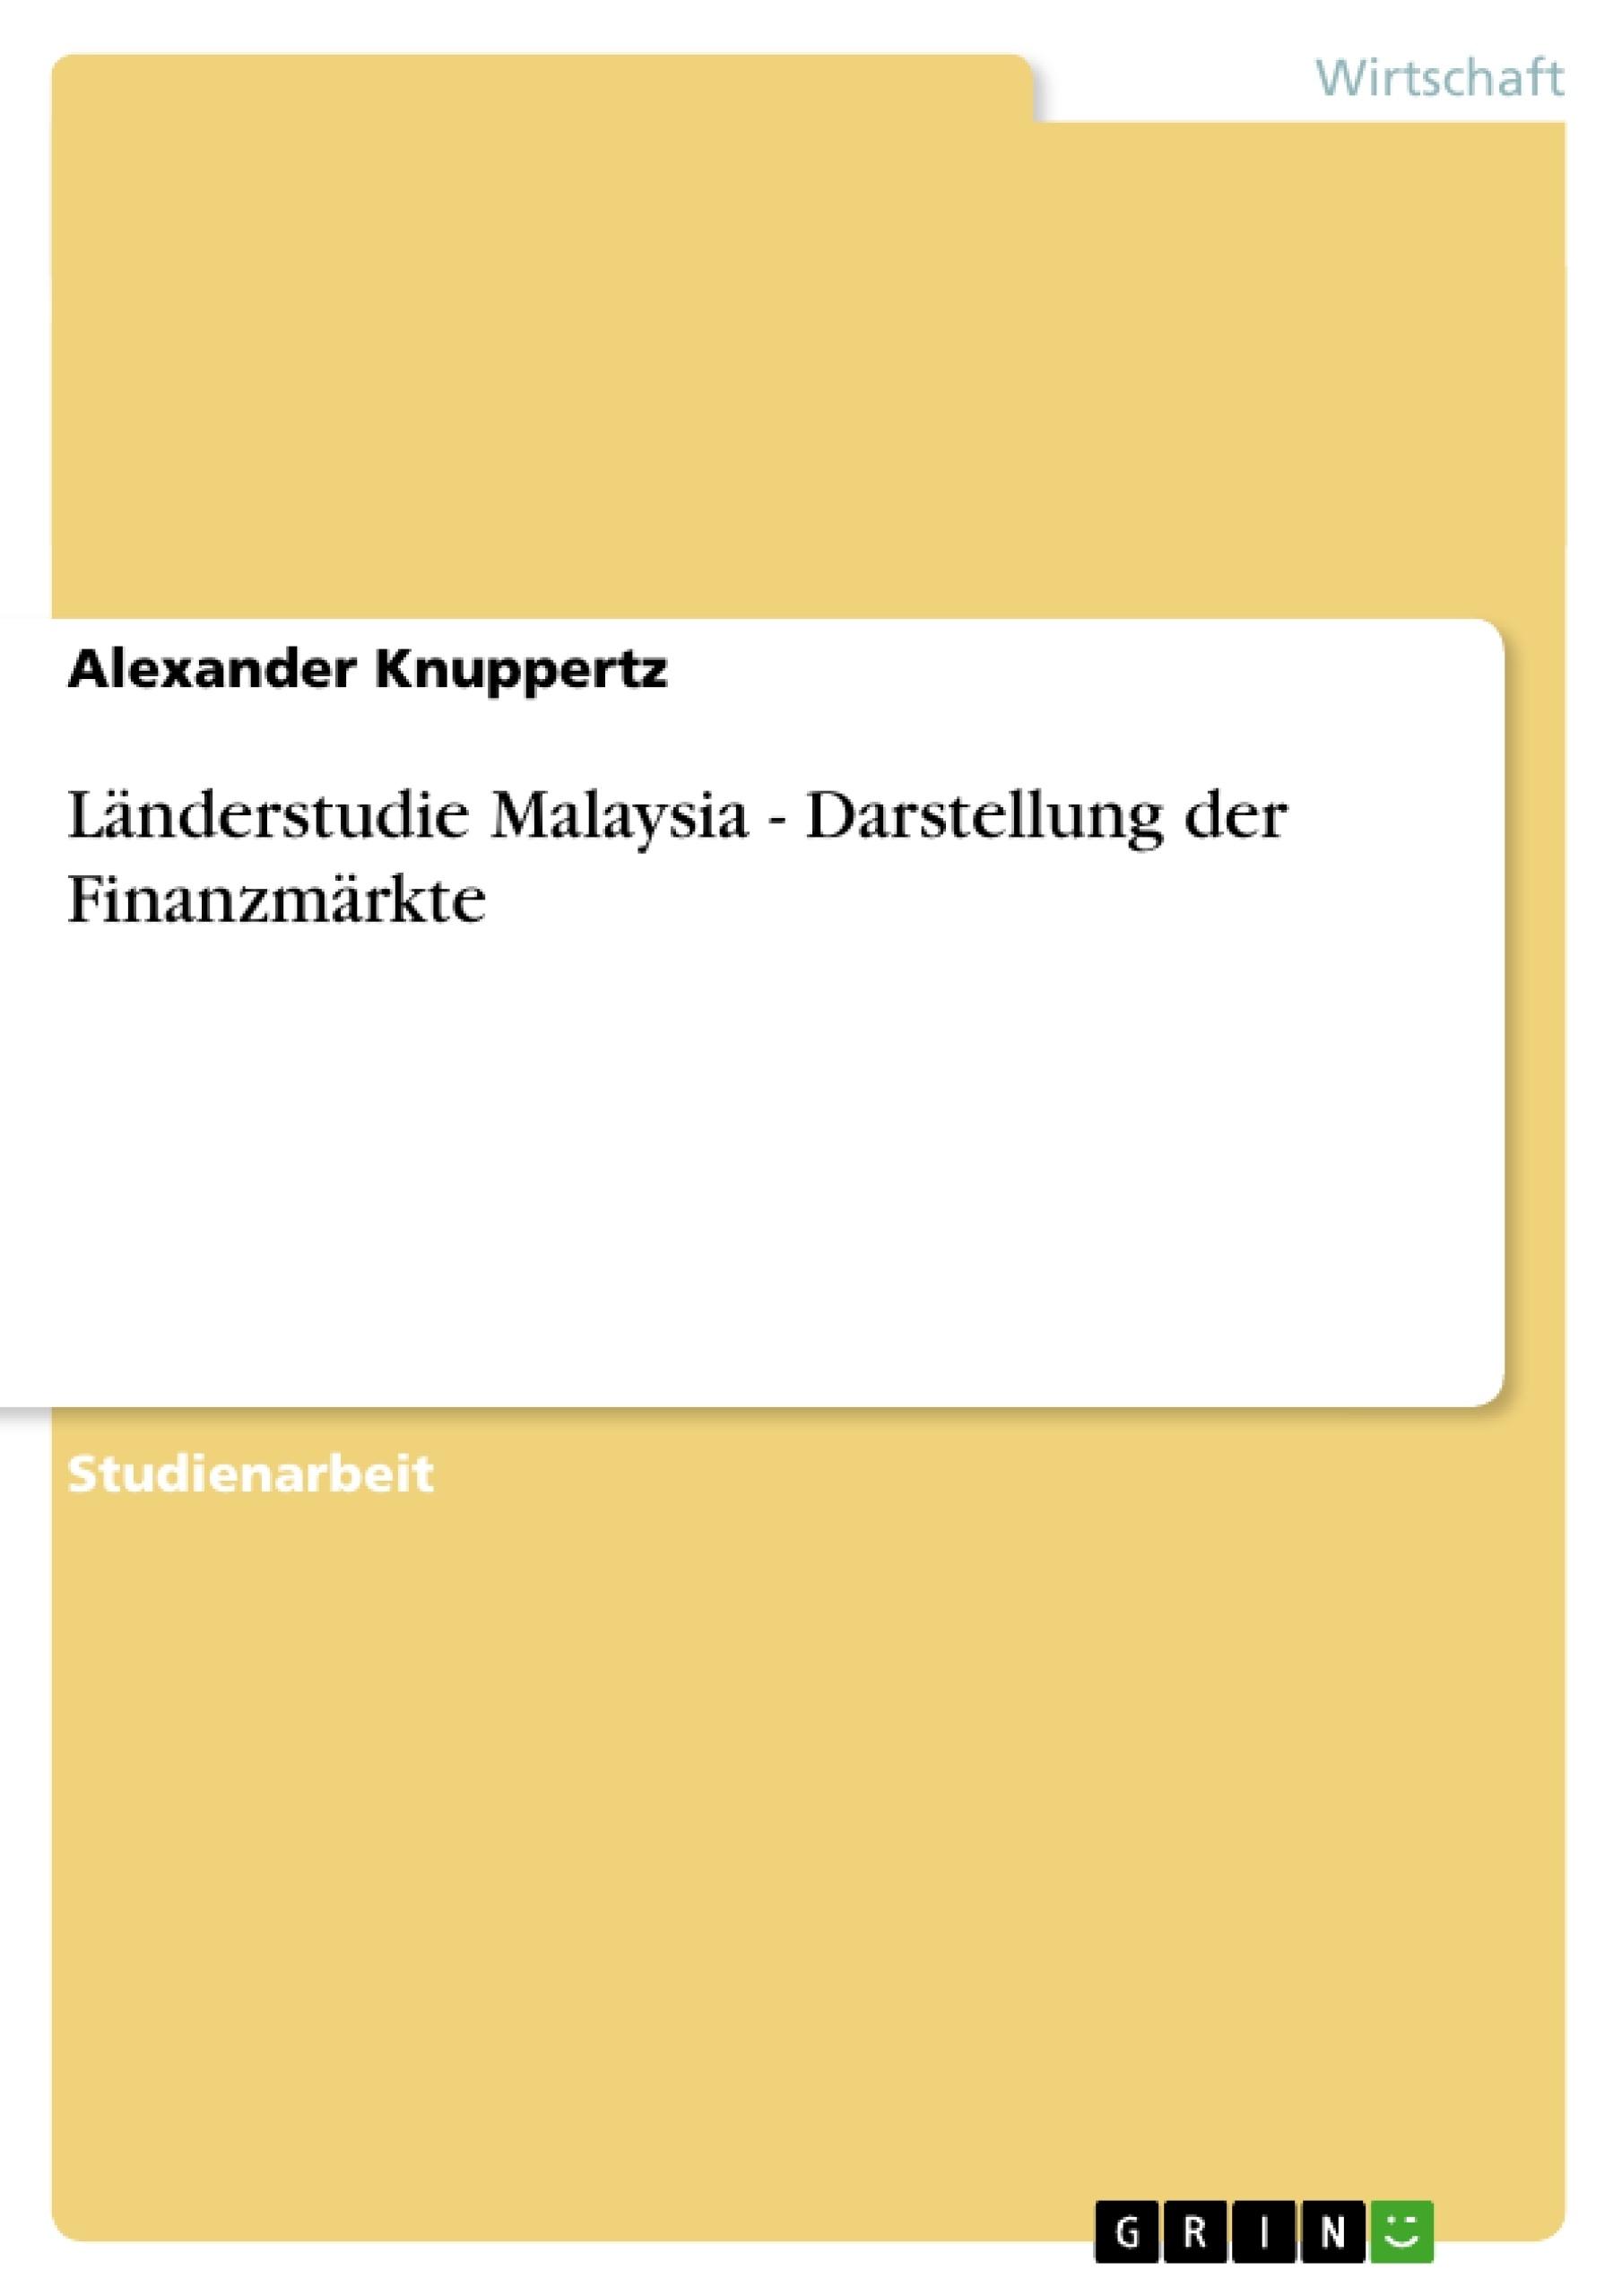 Titel: Länderstudie Malaysia - Darstellung der Finanzmärkte